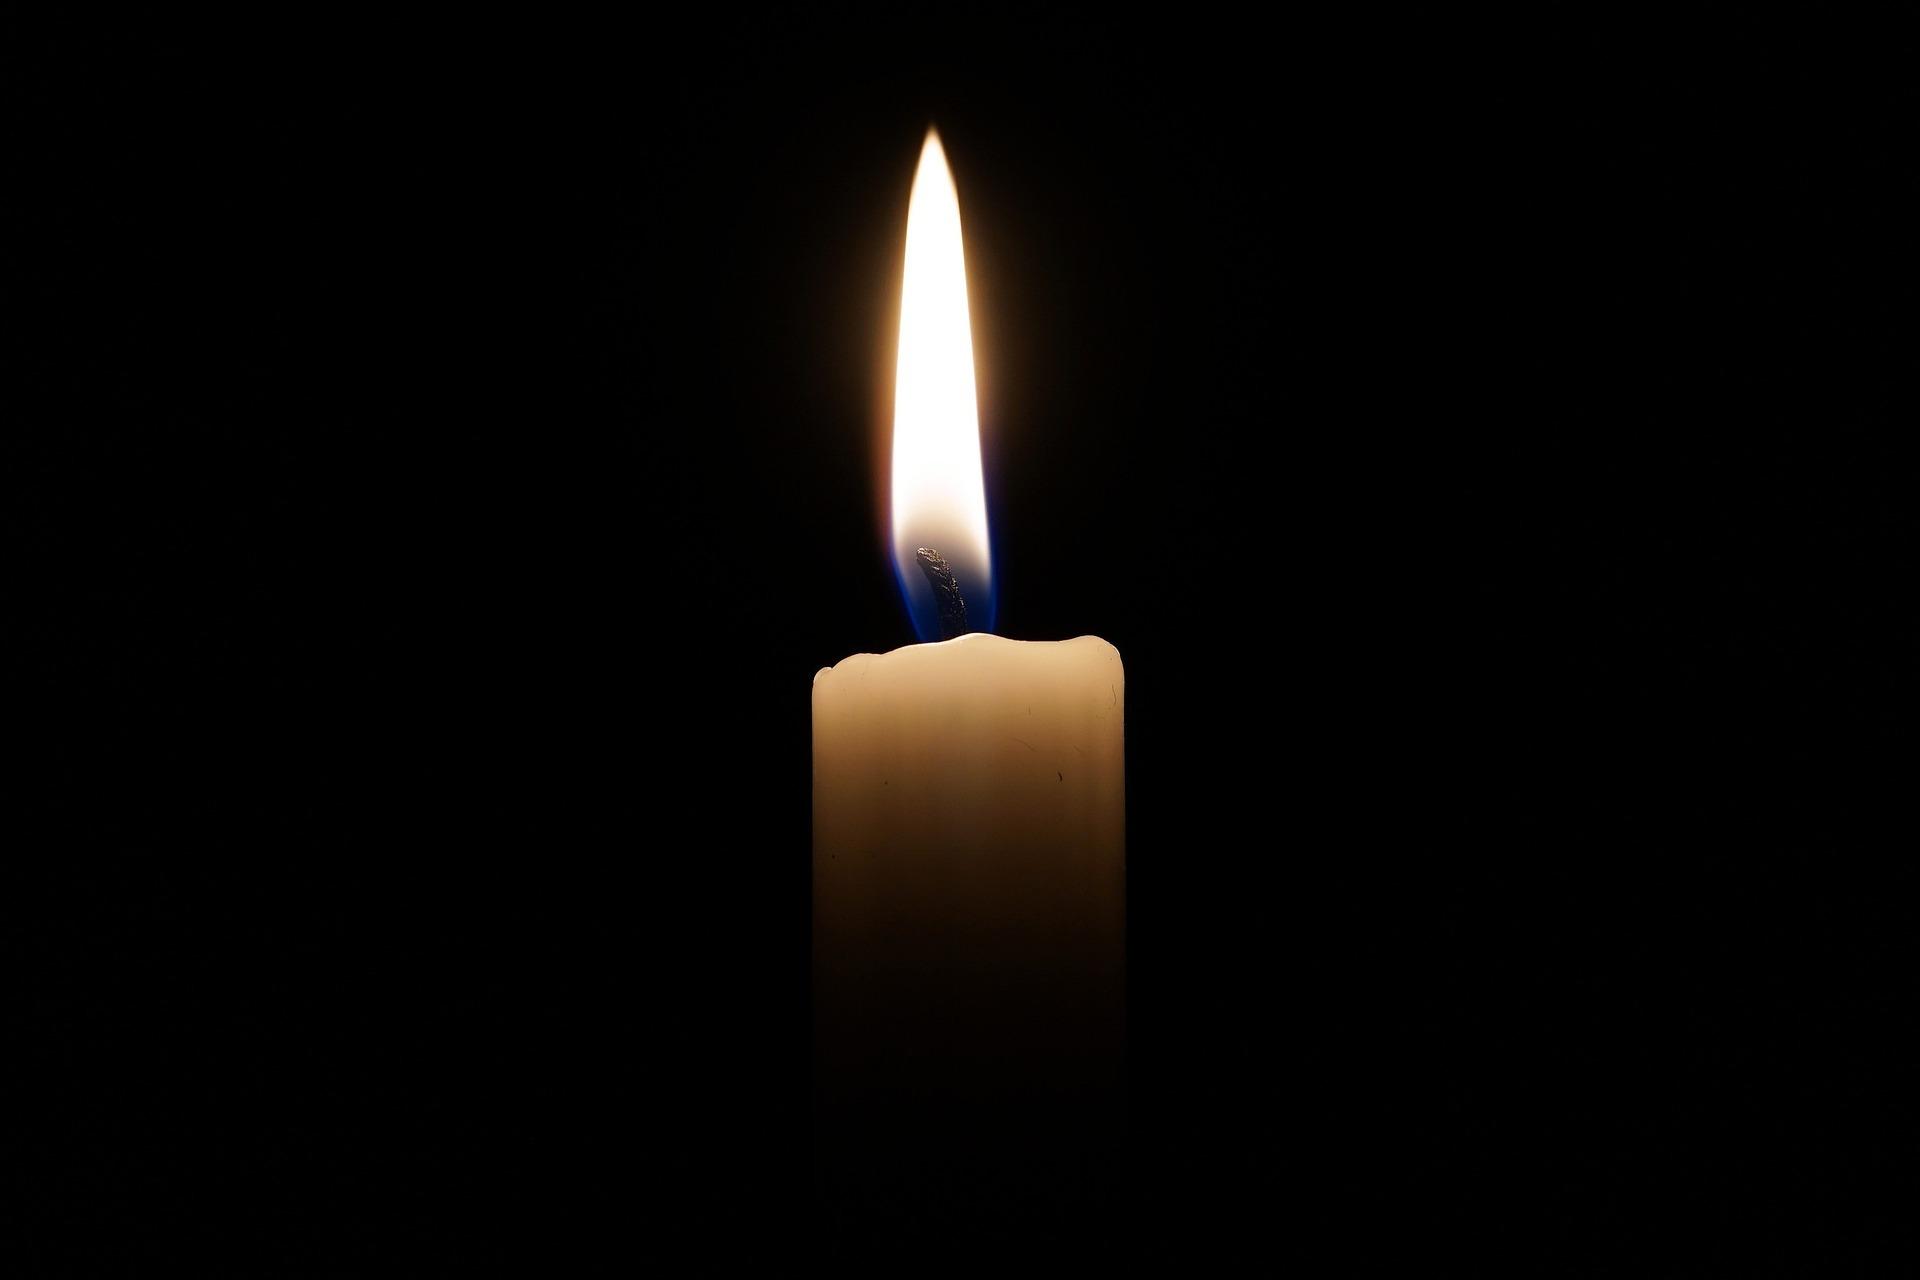 płonąca świeca na czarnym tle